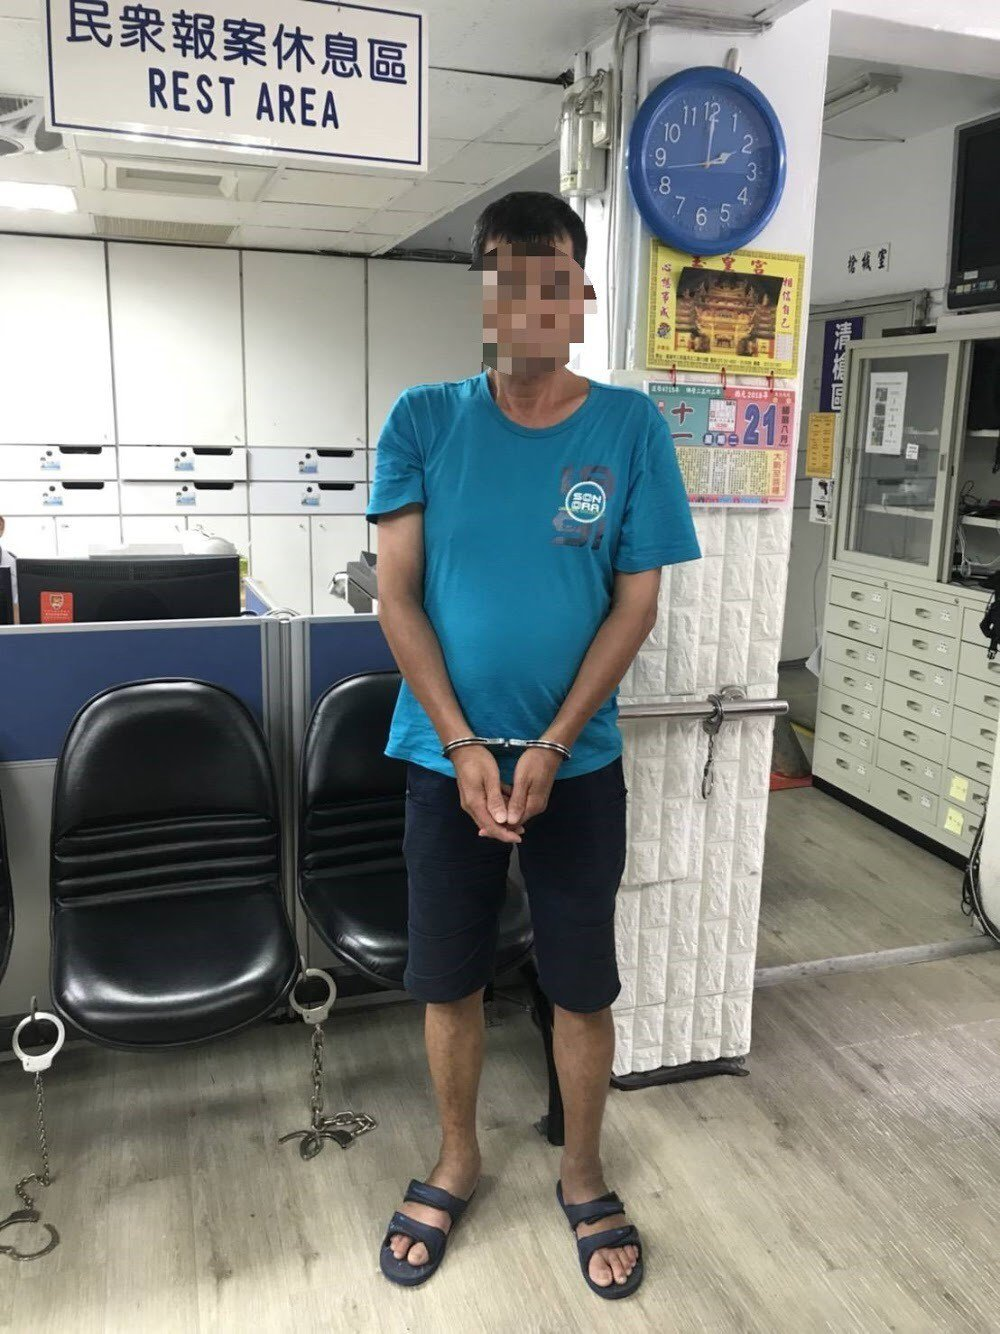 警方巡邏時發現吳姓毒品通緝犯,警詢後將他送往高雄地檢署歸案。記者張媛榆/翻攝